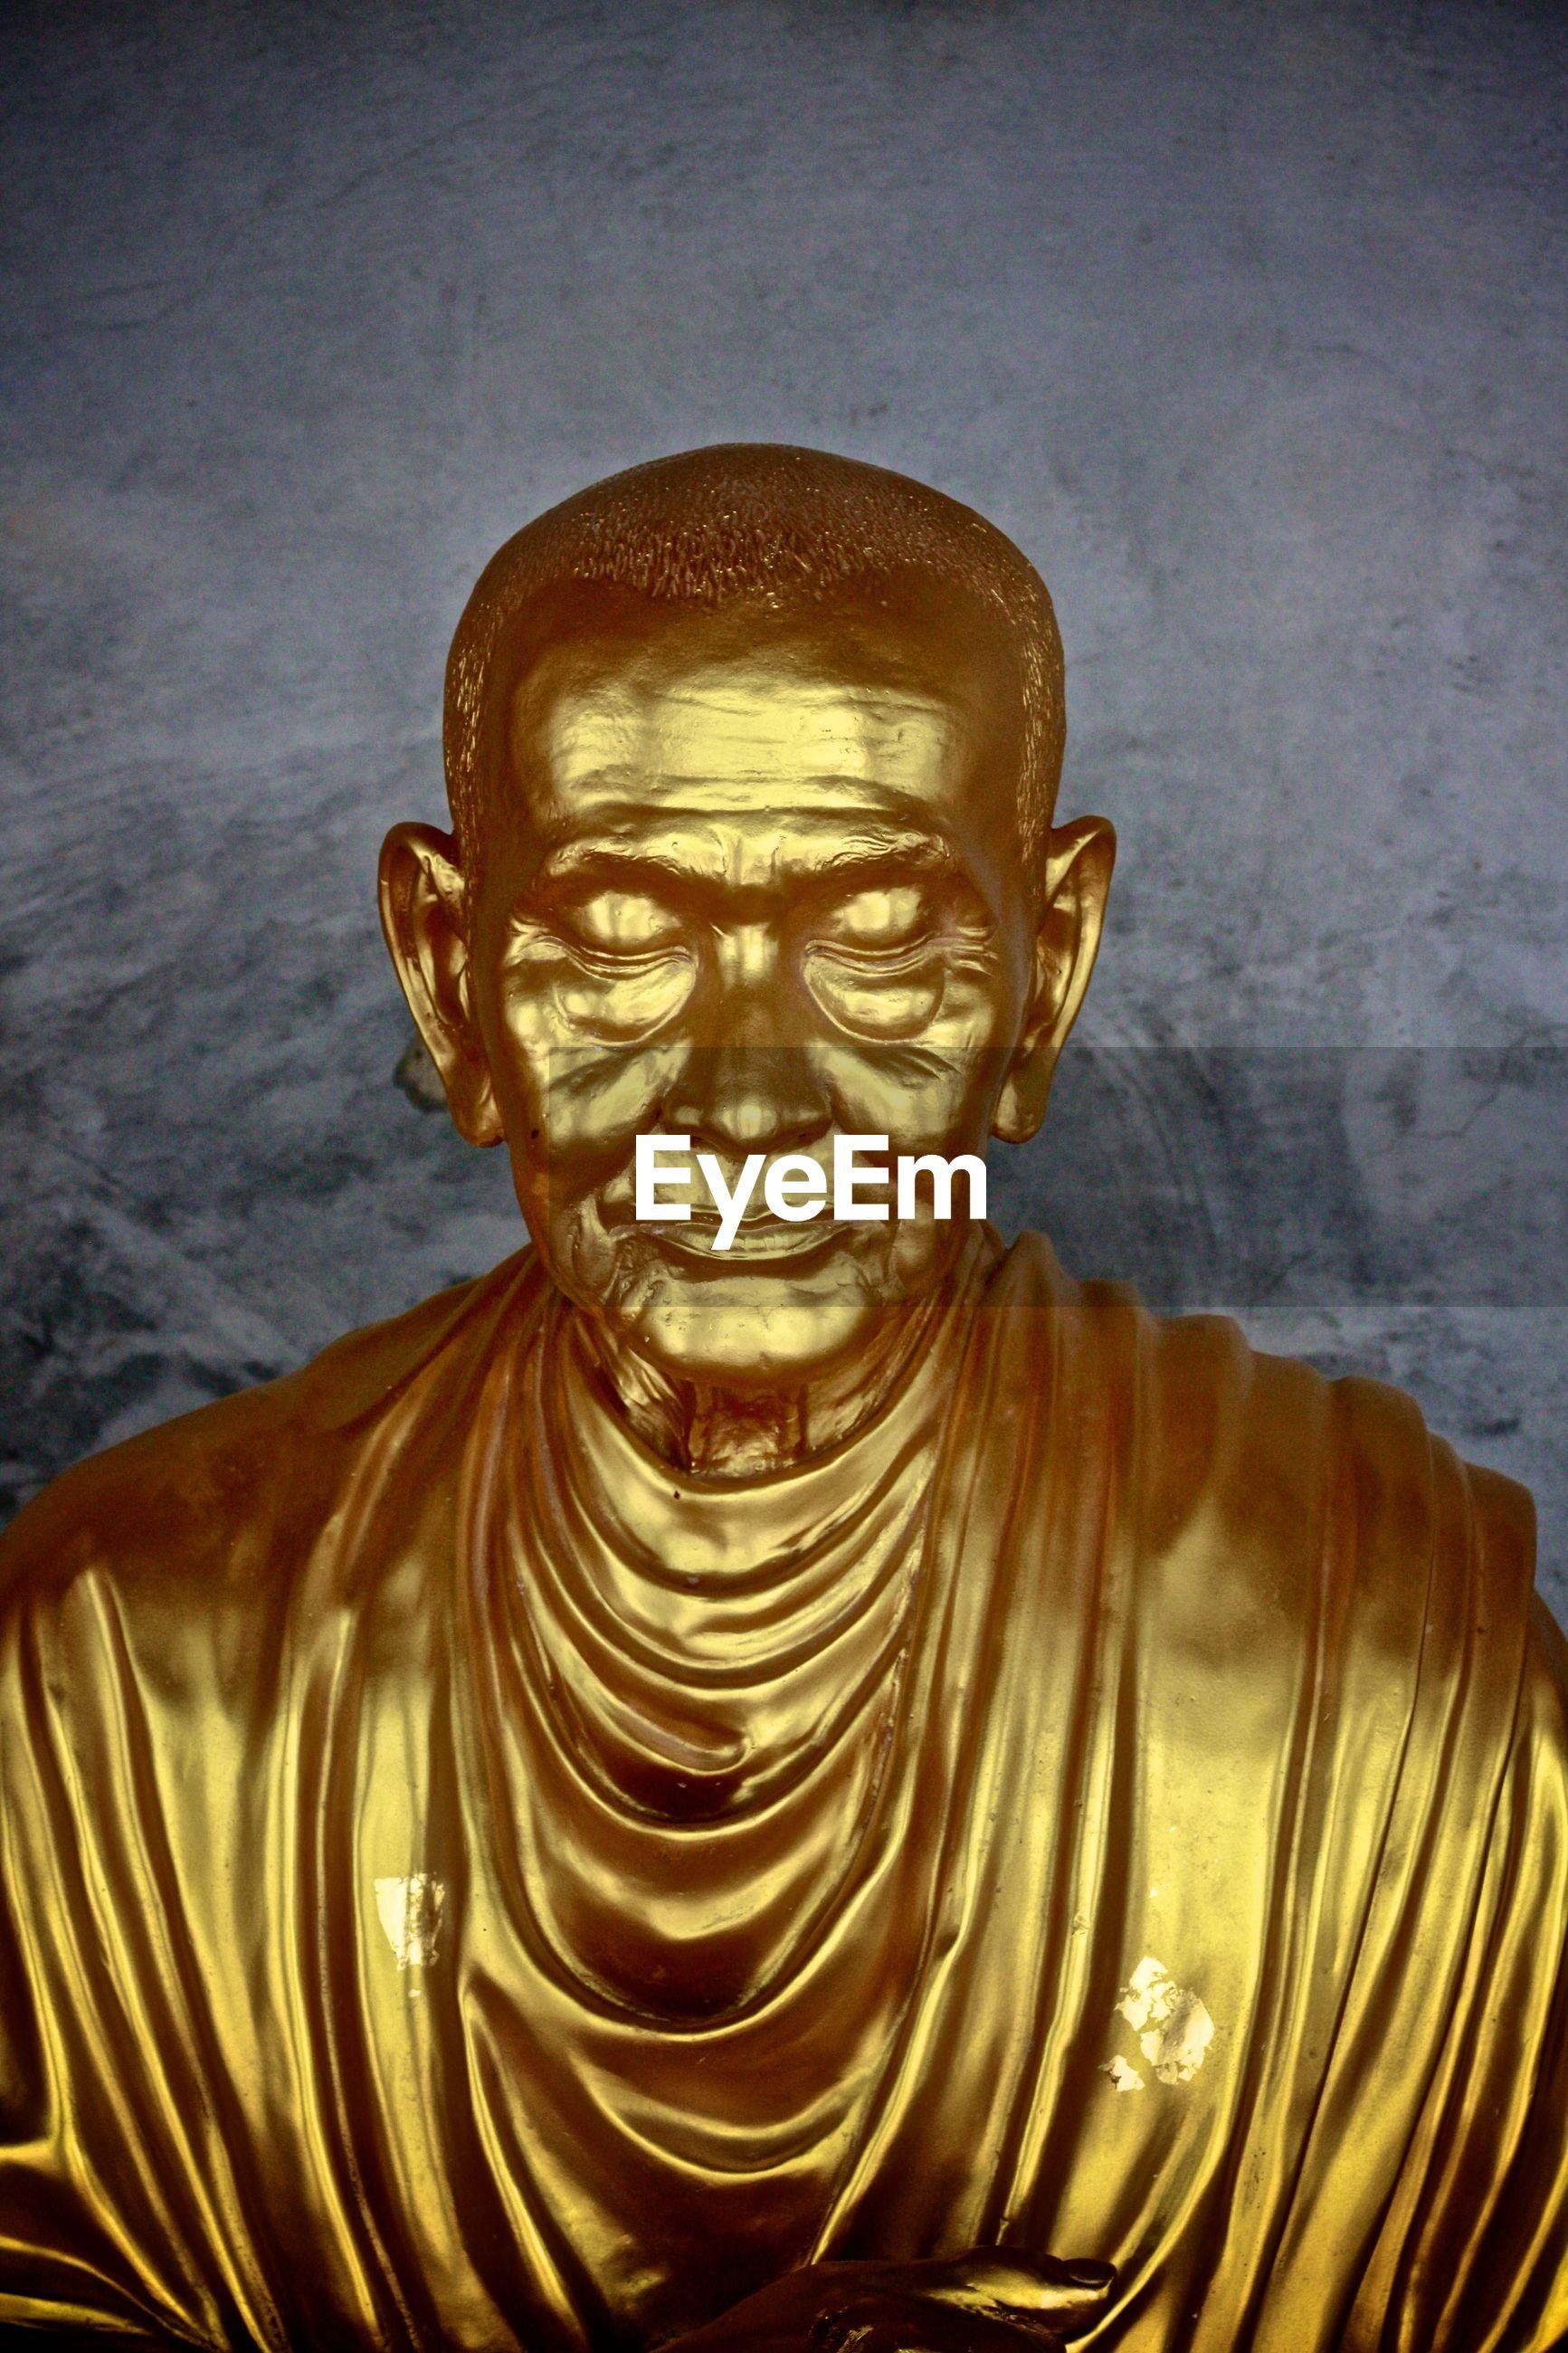 Golden buddha sculpture